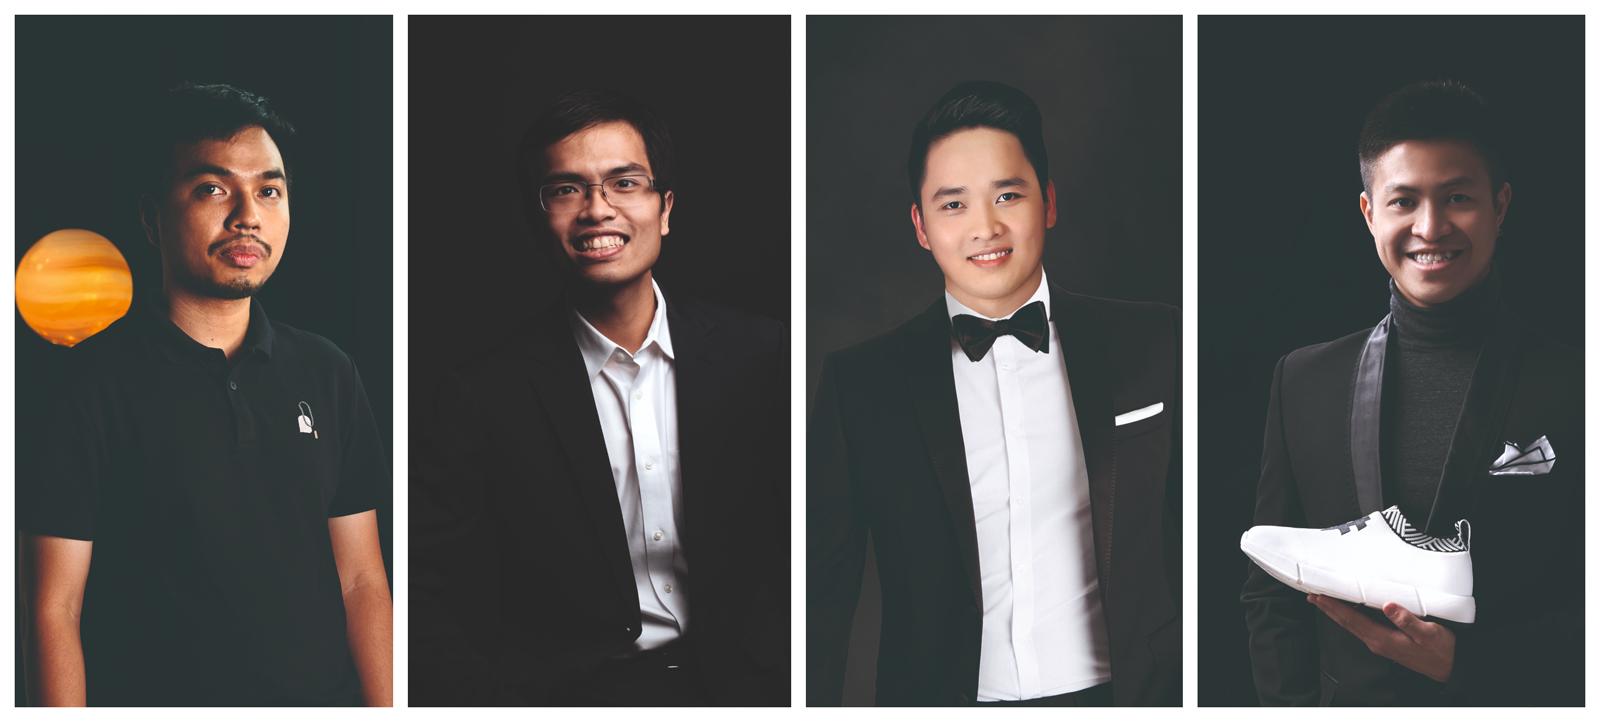 Forbes Việt Nam công bố danh sách 30 Under 30 Việt Nam 2020 - 3